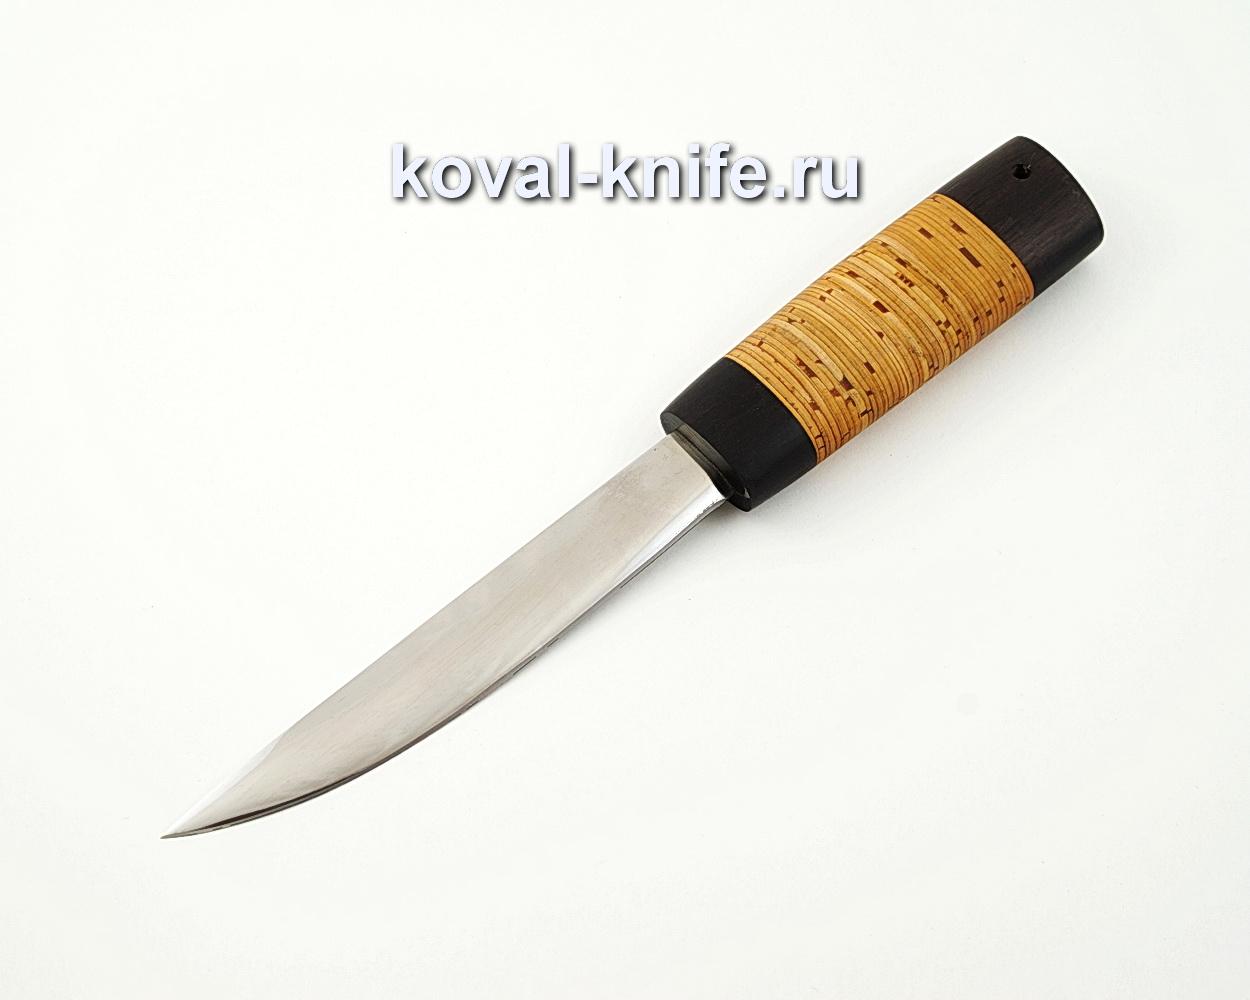 Якутский нож средний из кованой стали 110Х18 с рукоятью из бересты и черного граба A566